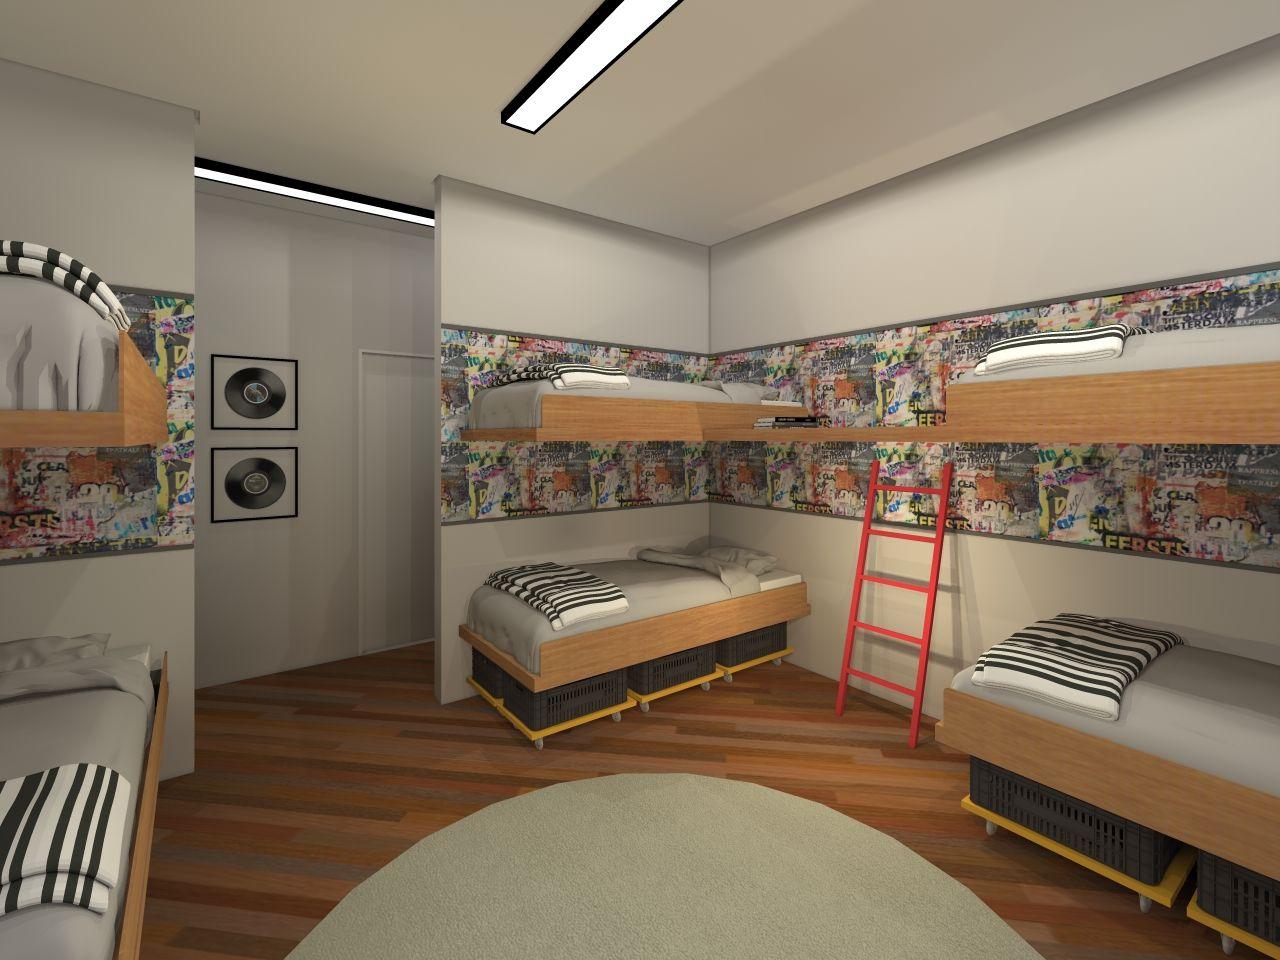 Quarto Quarto Compartilhado Loft Hotel Jovem Colorido  ~ Desenhos Para Quarto De Adolescente